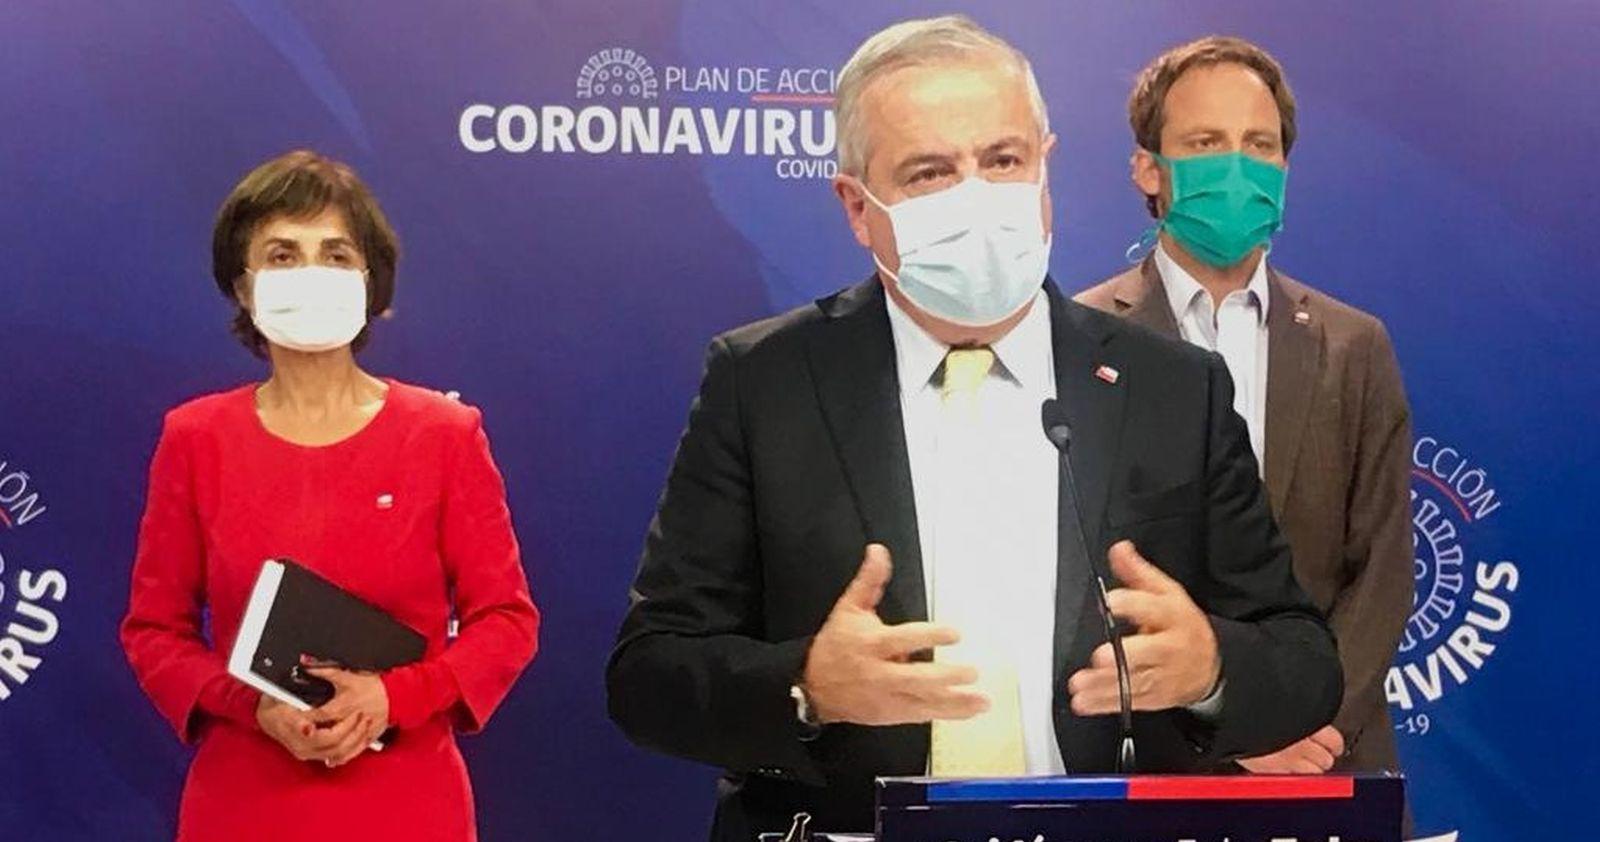 Coronavirus: Región Metropolitana concentra el 85% de los nuevos casos